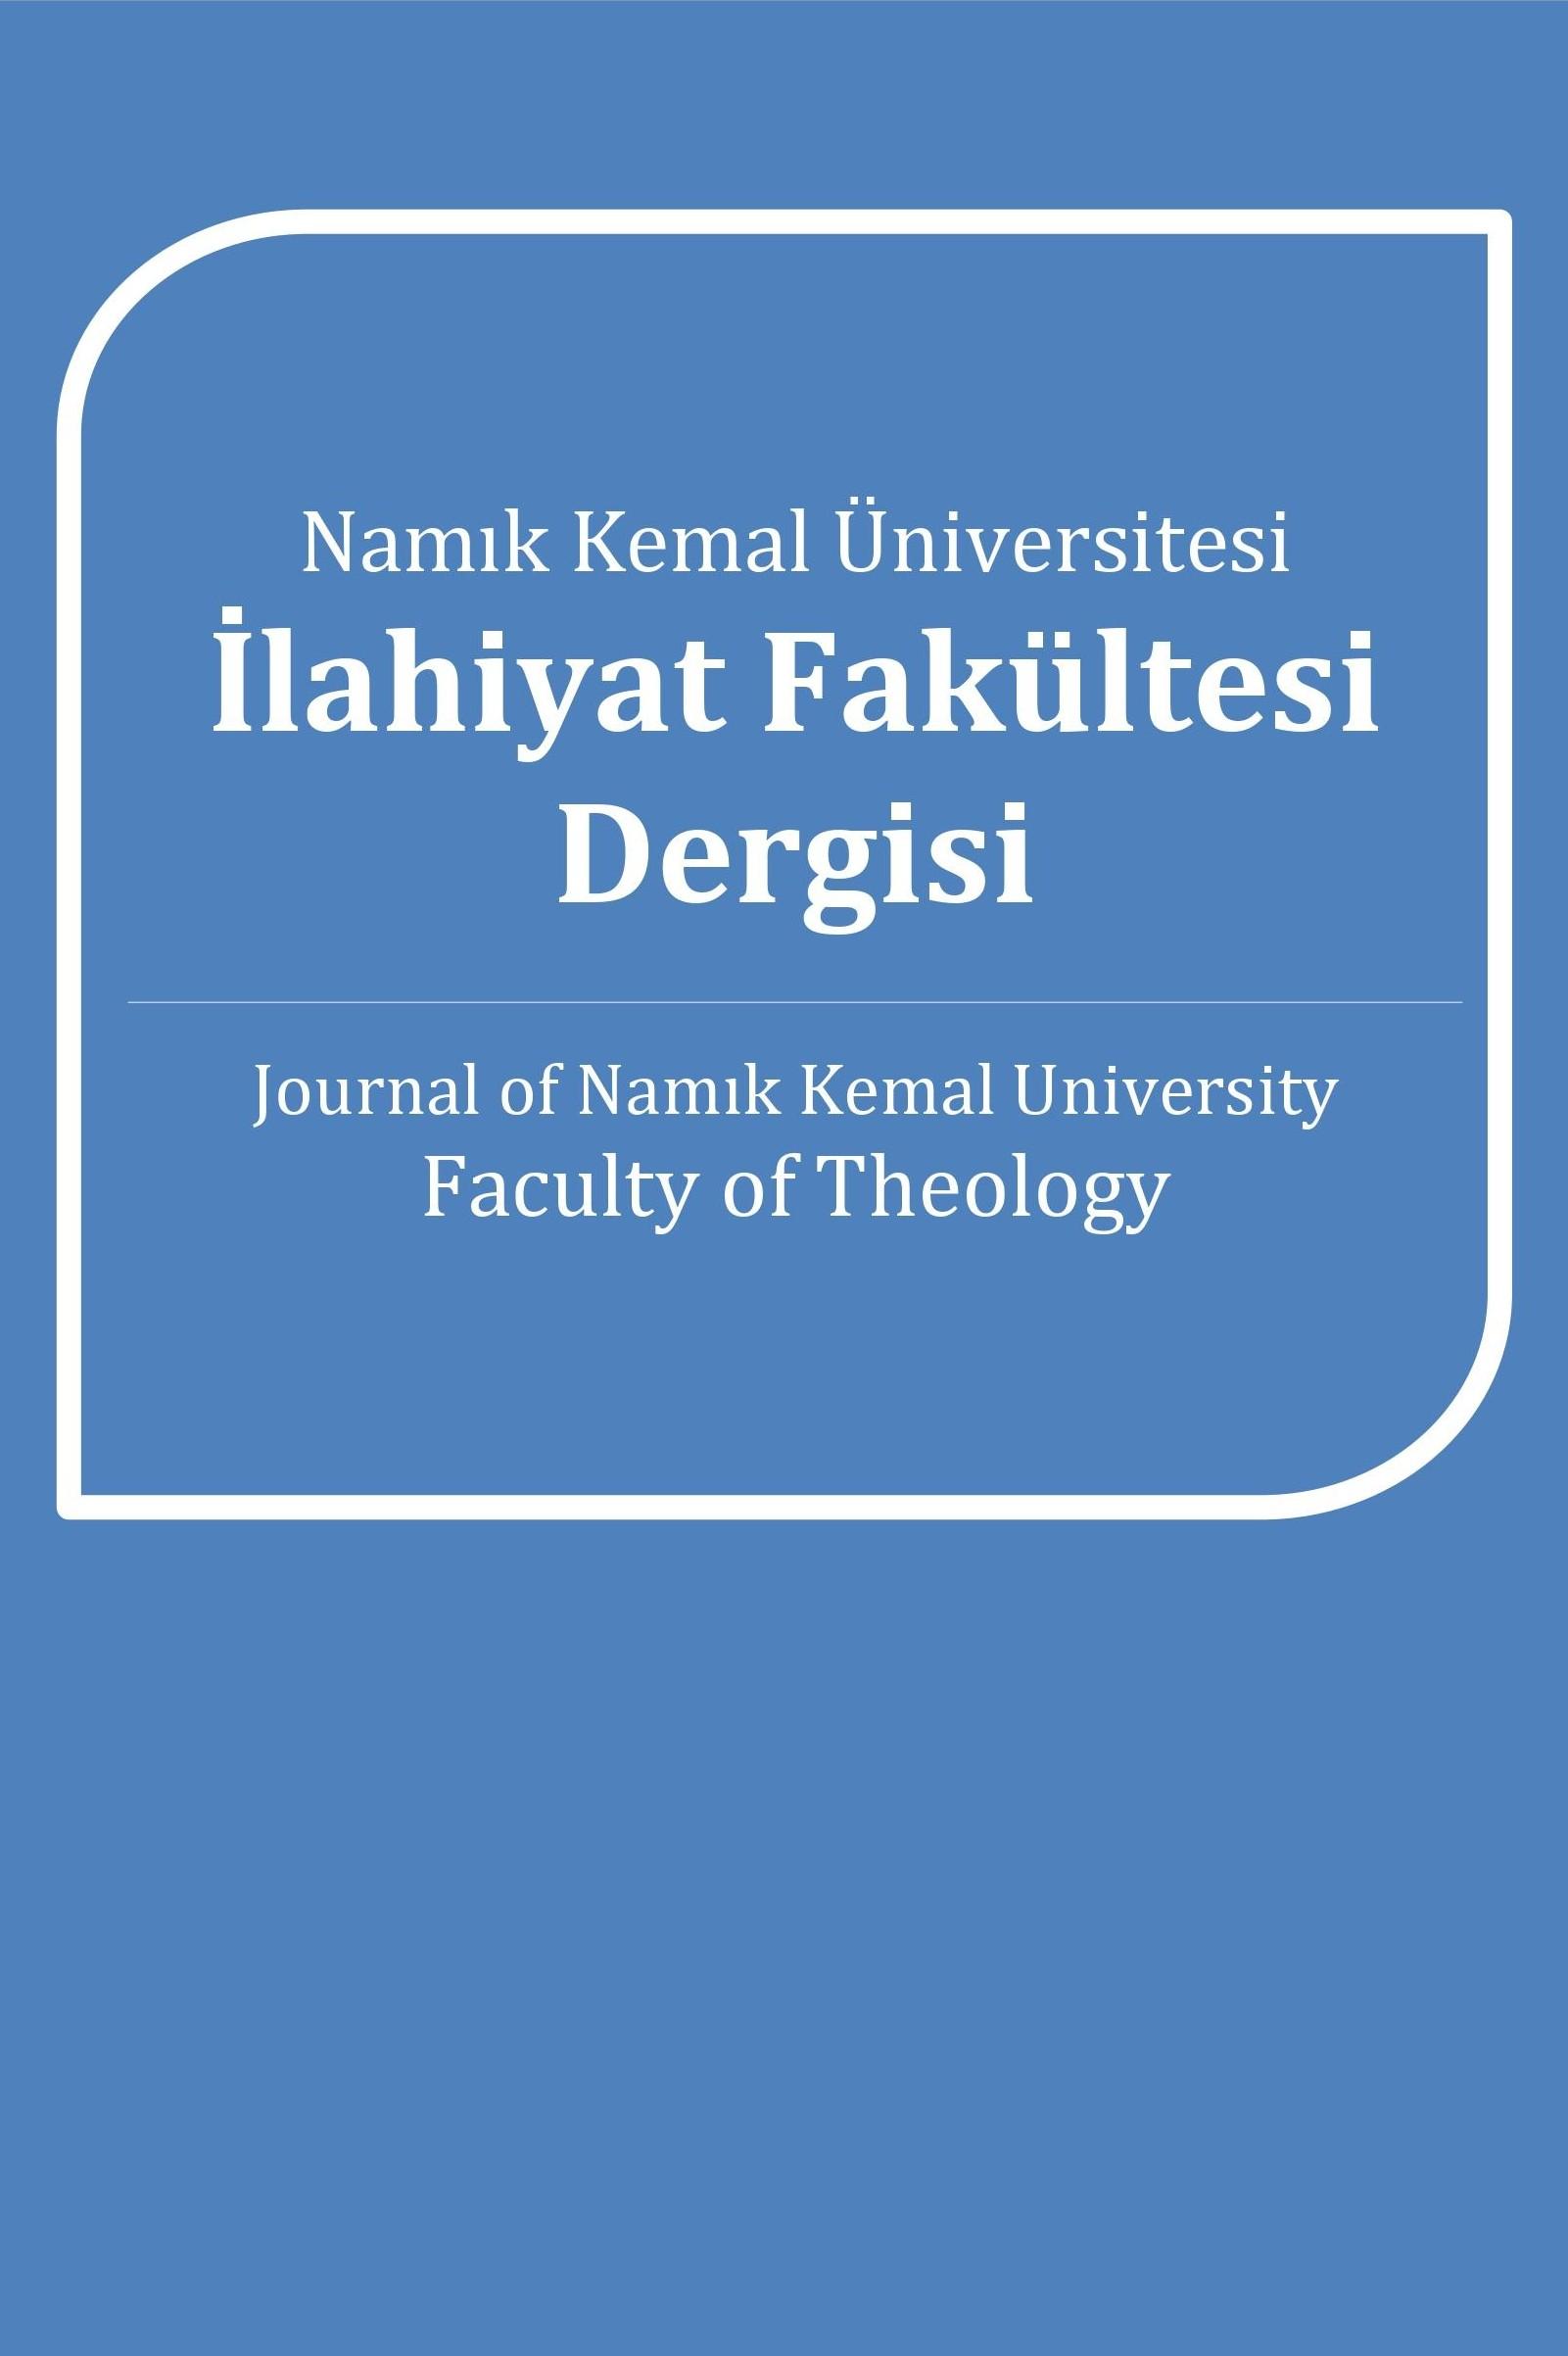 Namık Kemal Üniversitesi İlahiyat Fakültesi Dergisi